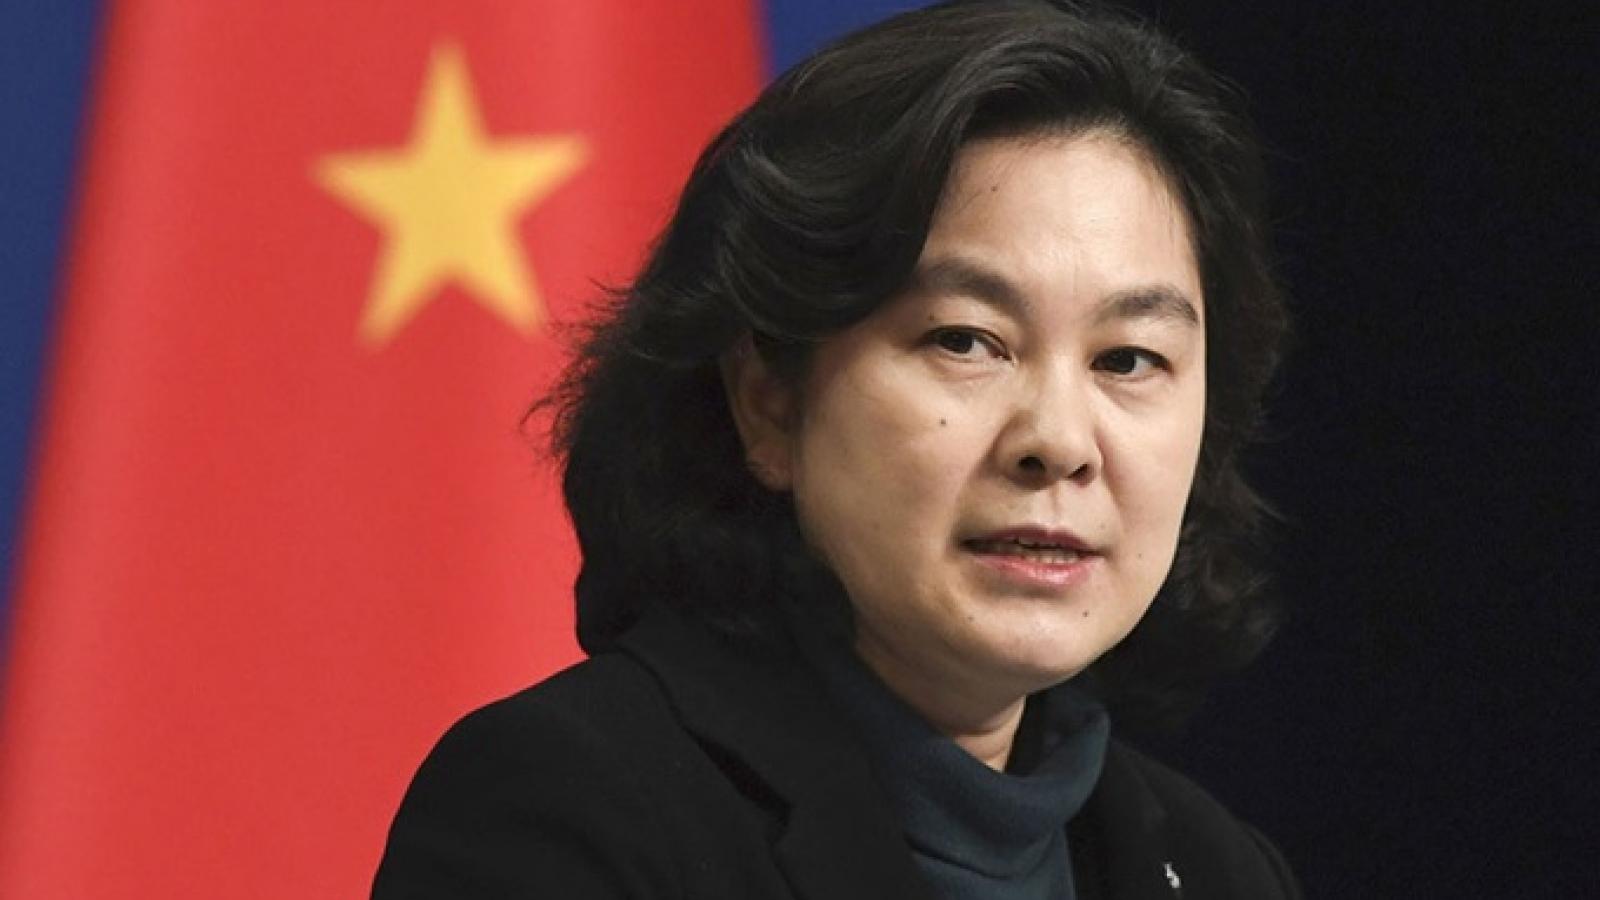 Trung Quốc phản ứng về bạo loạn ở trụ sở quốc hội Mỹ, Nhật Bản nhất quán ủng hộ Joe Biden